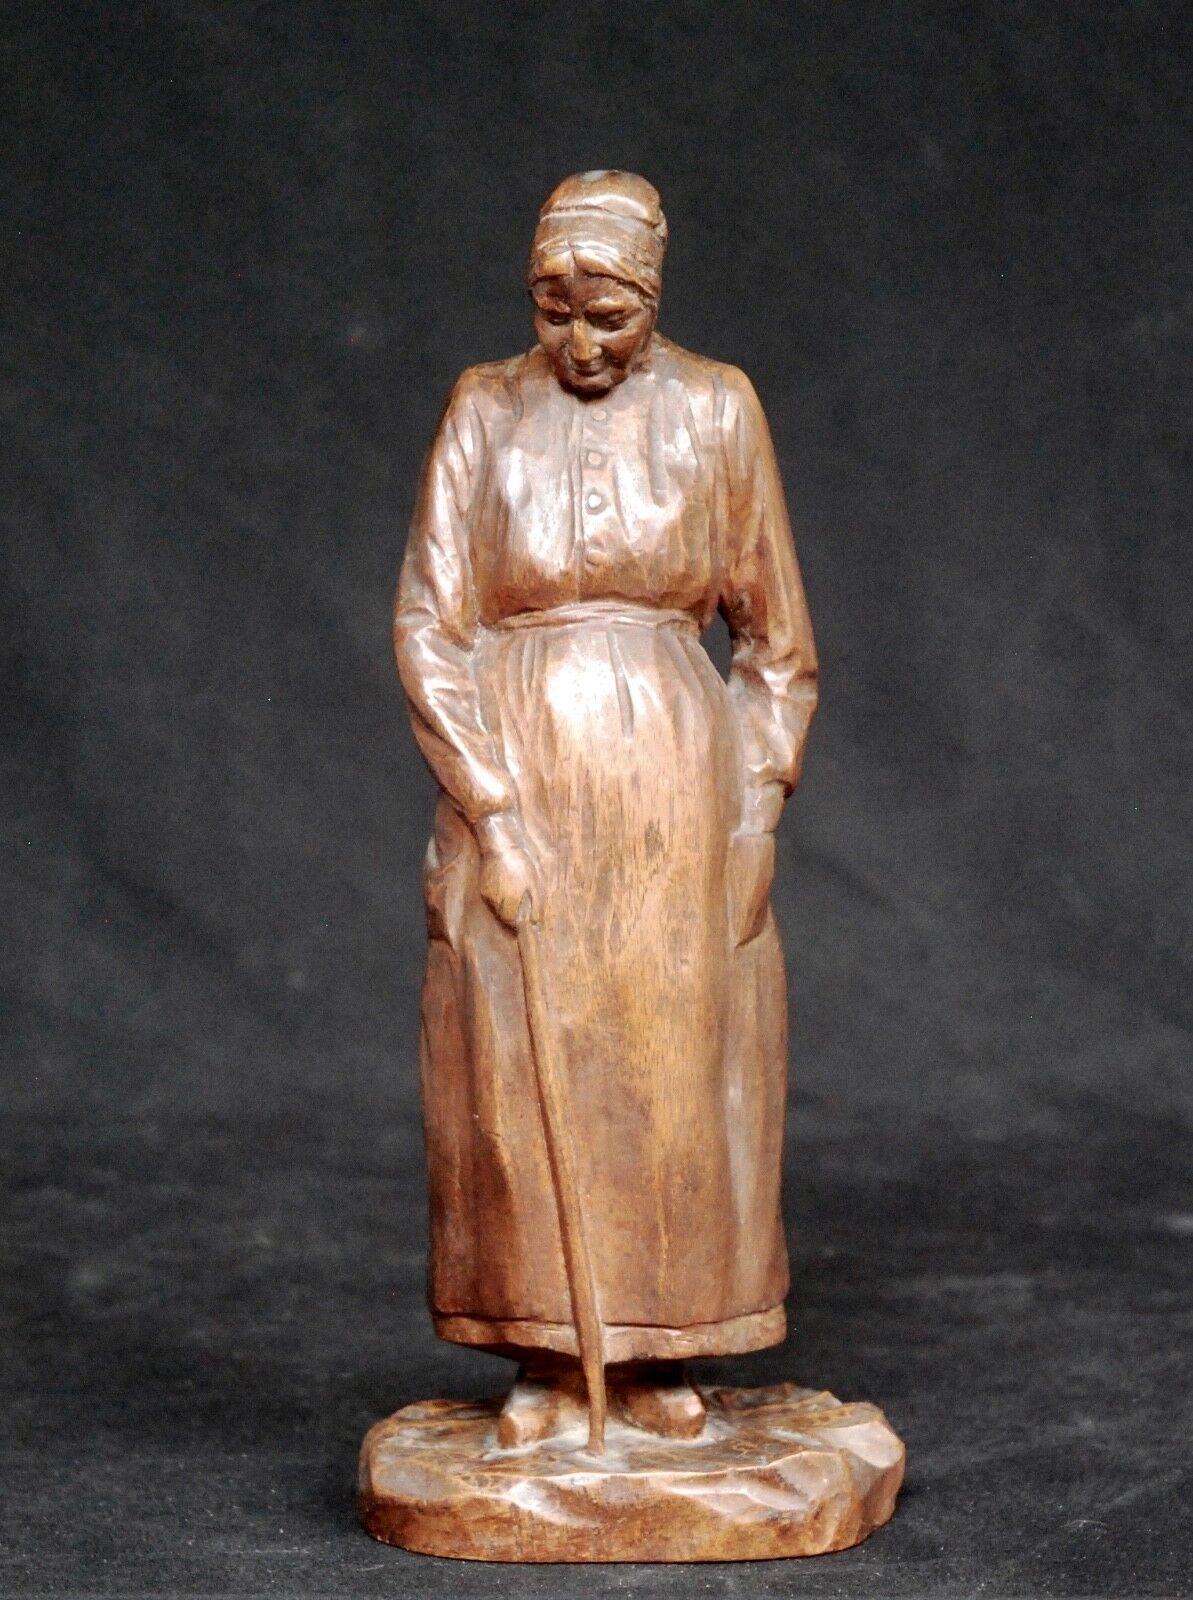 AUGUSTE BIAGGI : VIELLE BERRICHONNE, Sculpture bois, Editions SAS années 30